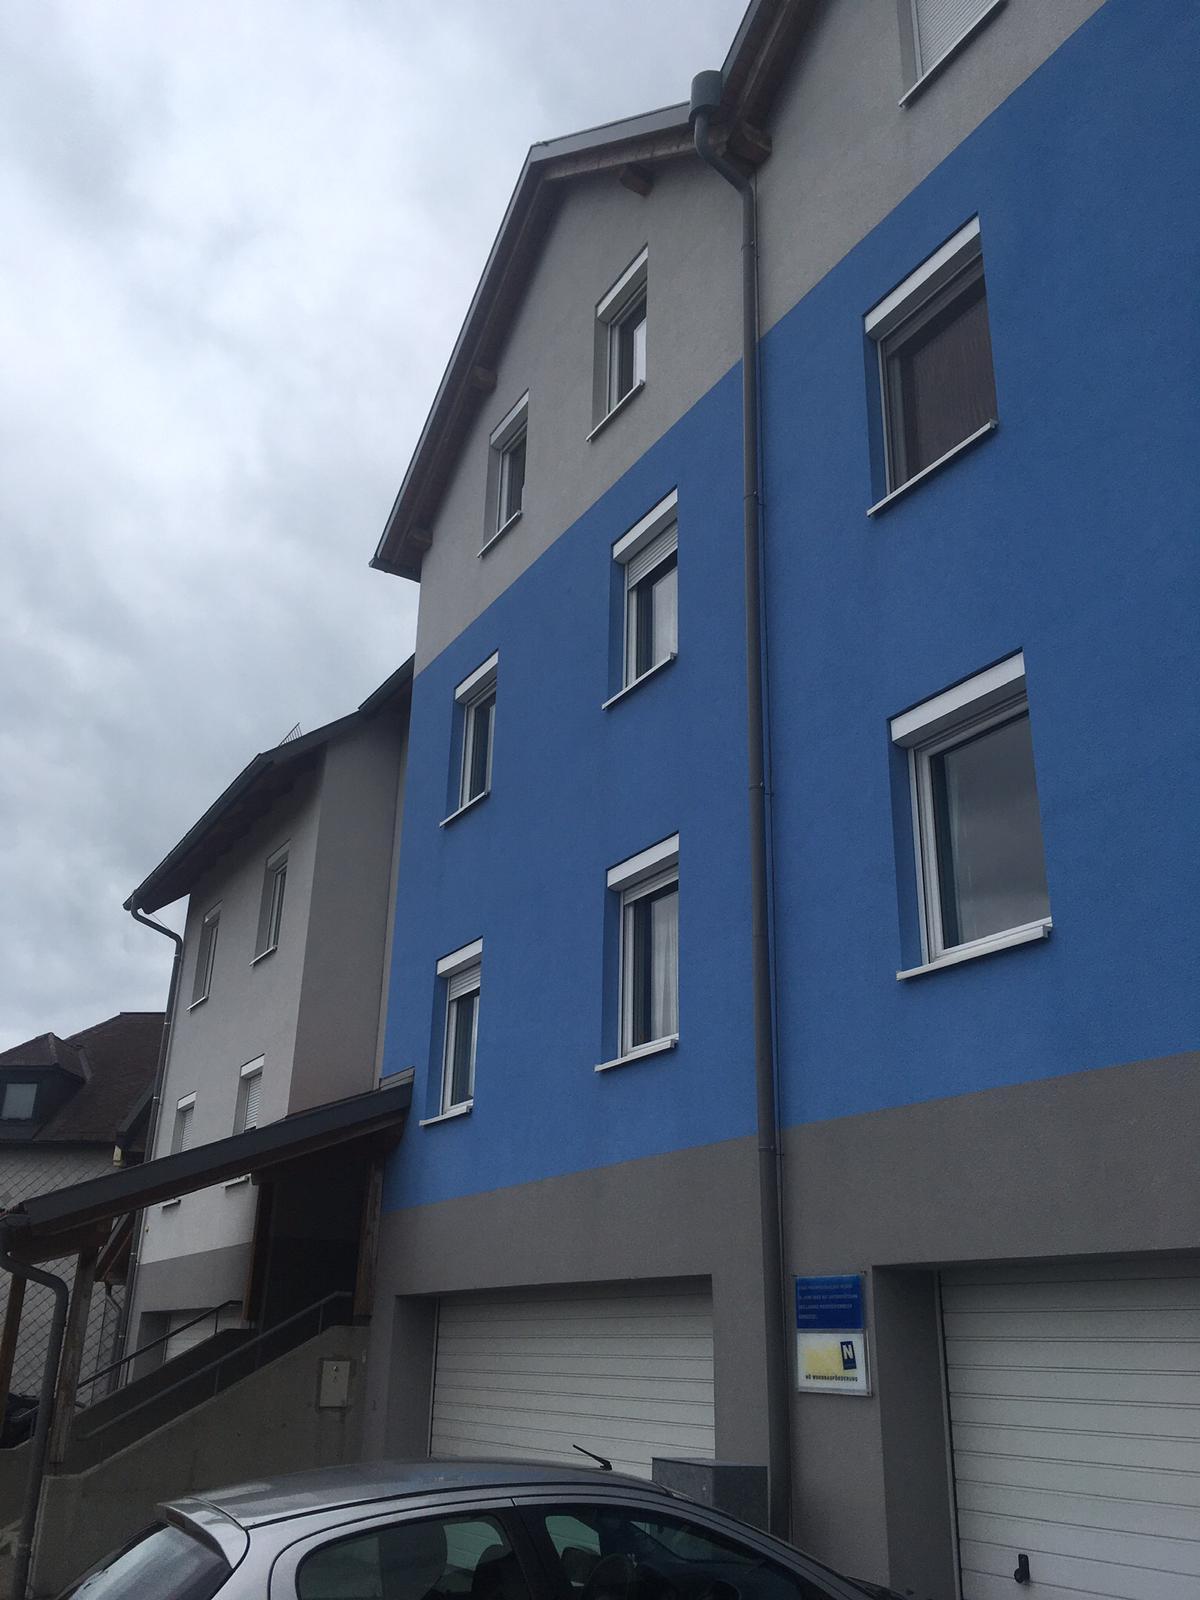 Immobilie von Kamptal in 3613 Albrechtsberg an der Großen Krems, Krems(Land), Albrechtsberg I/1 - Top 202 #0